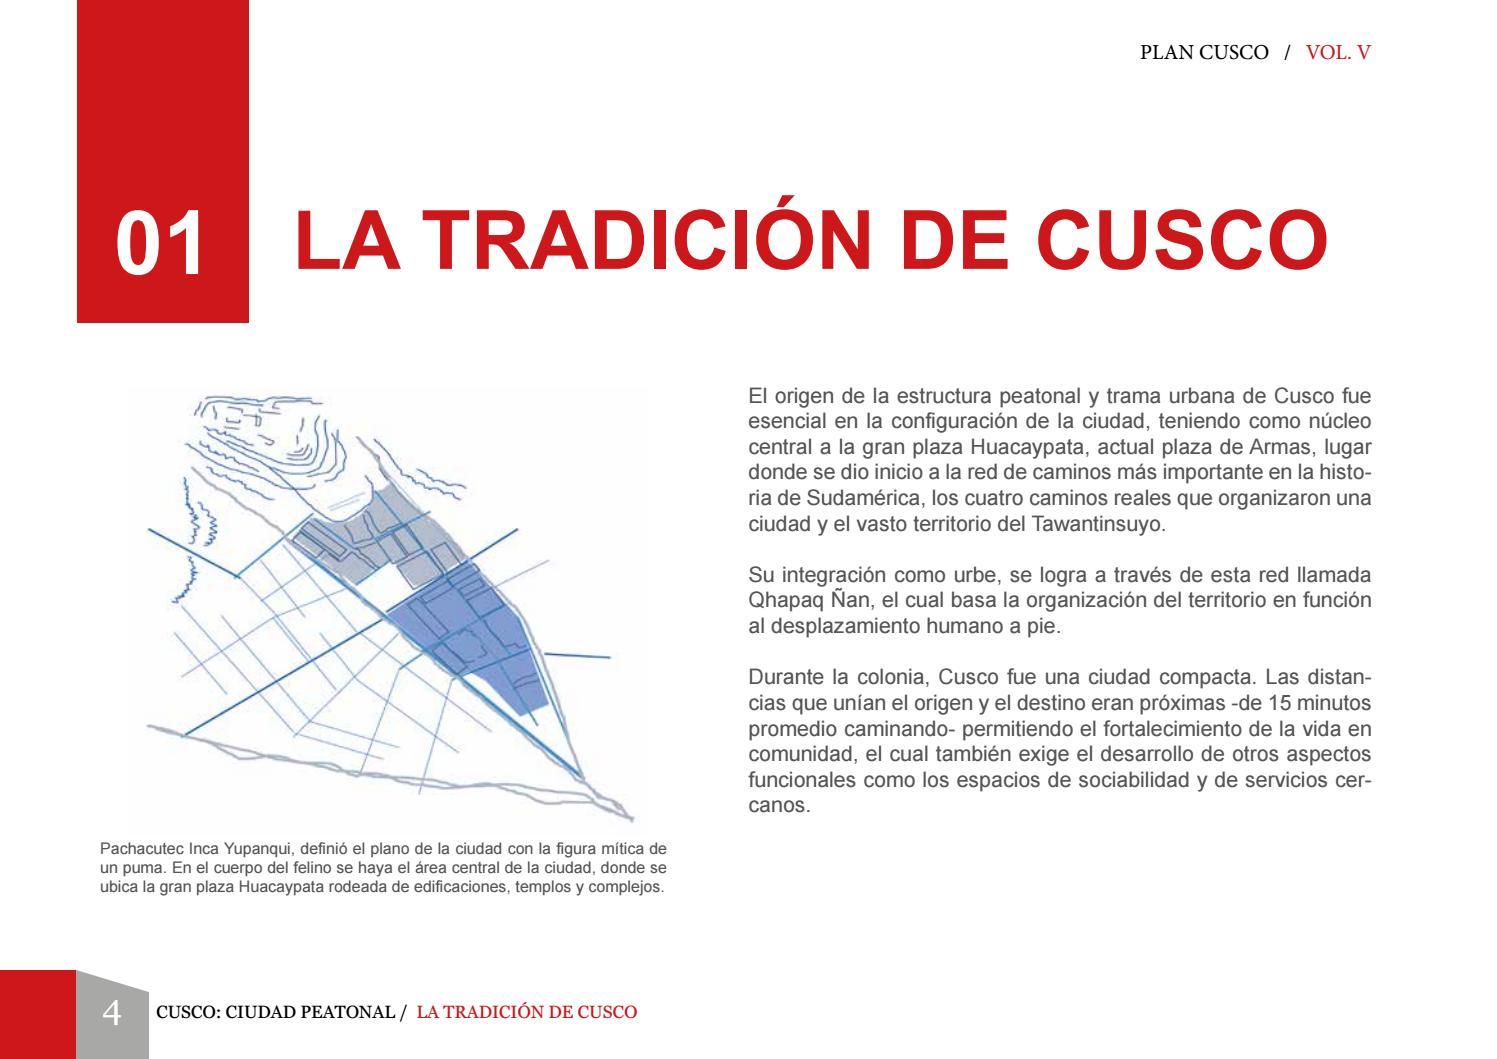 PLAN CUSCO 5 by PLAN CUSCO - issuu